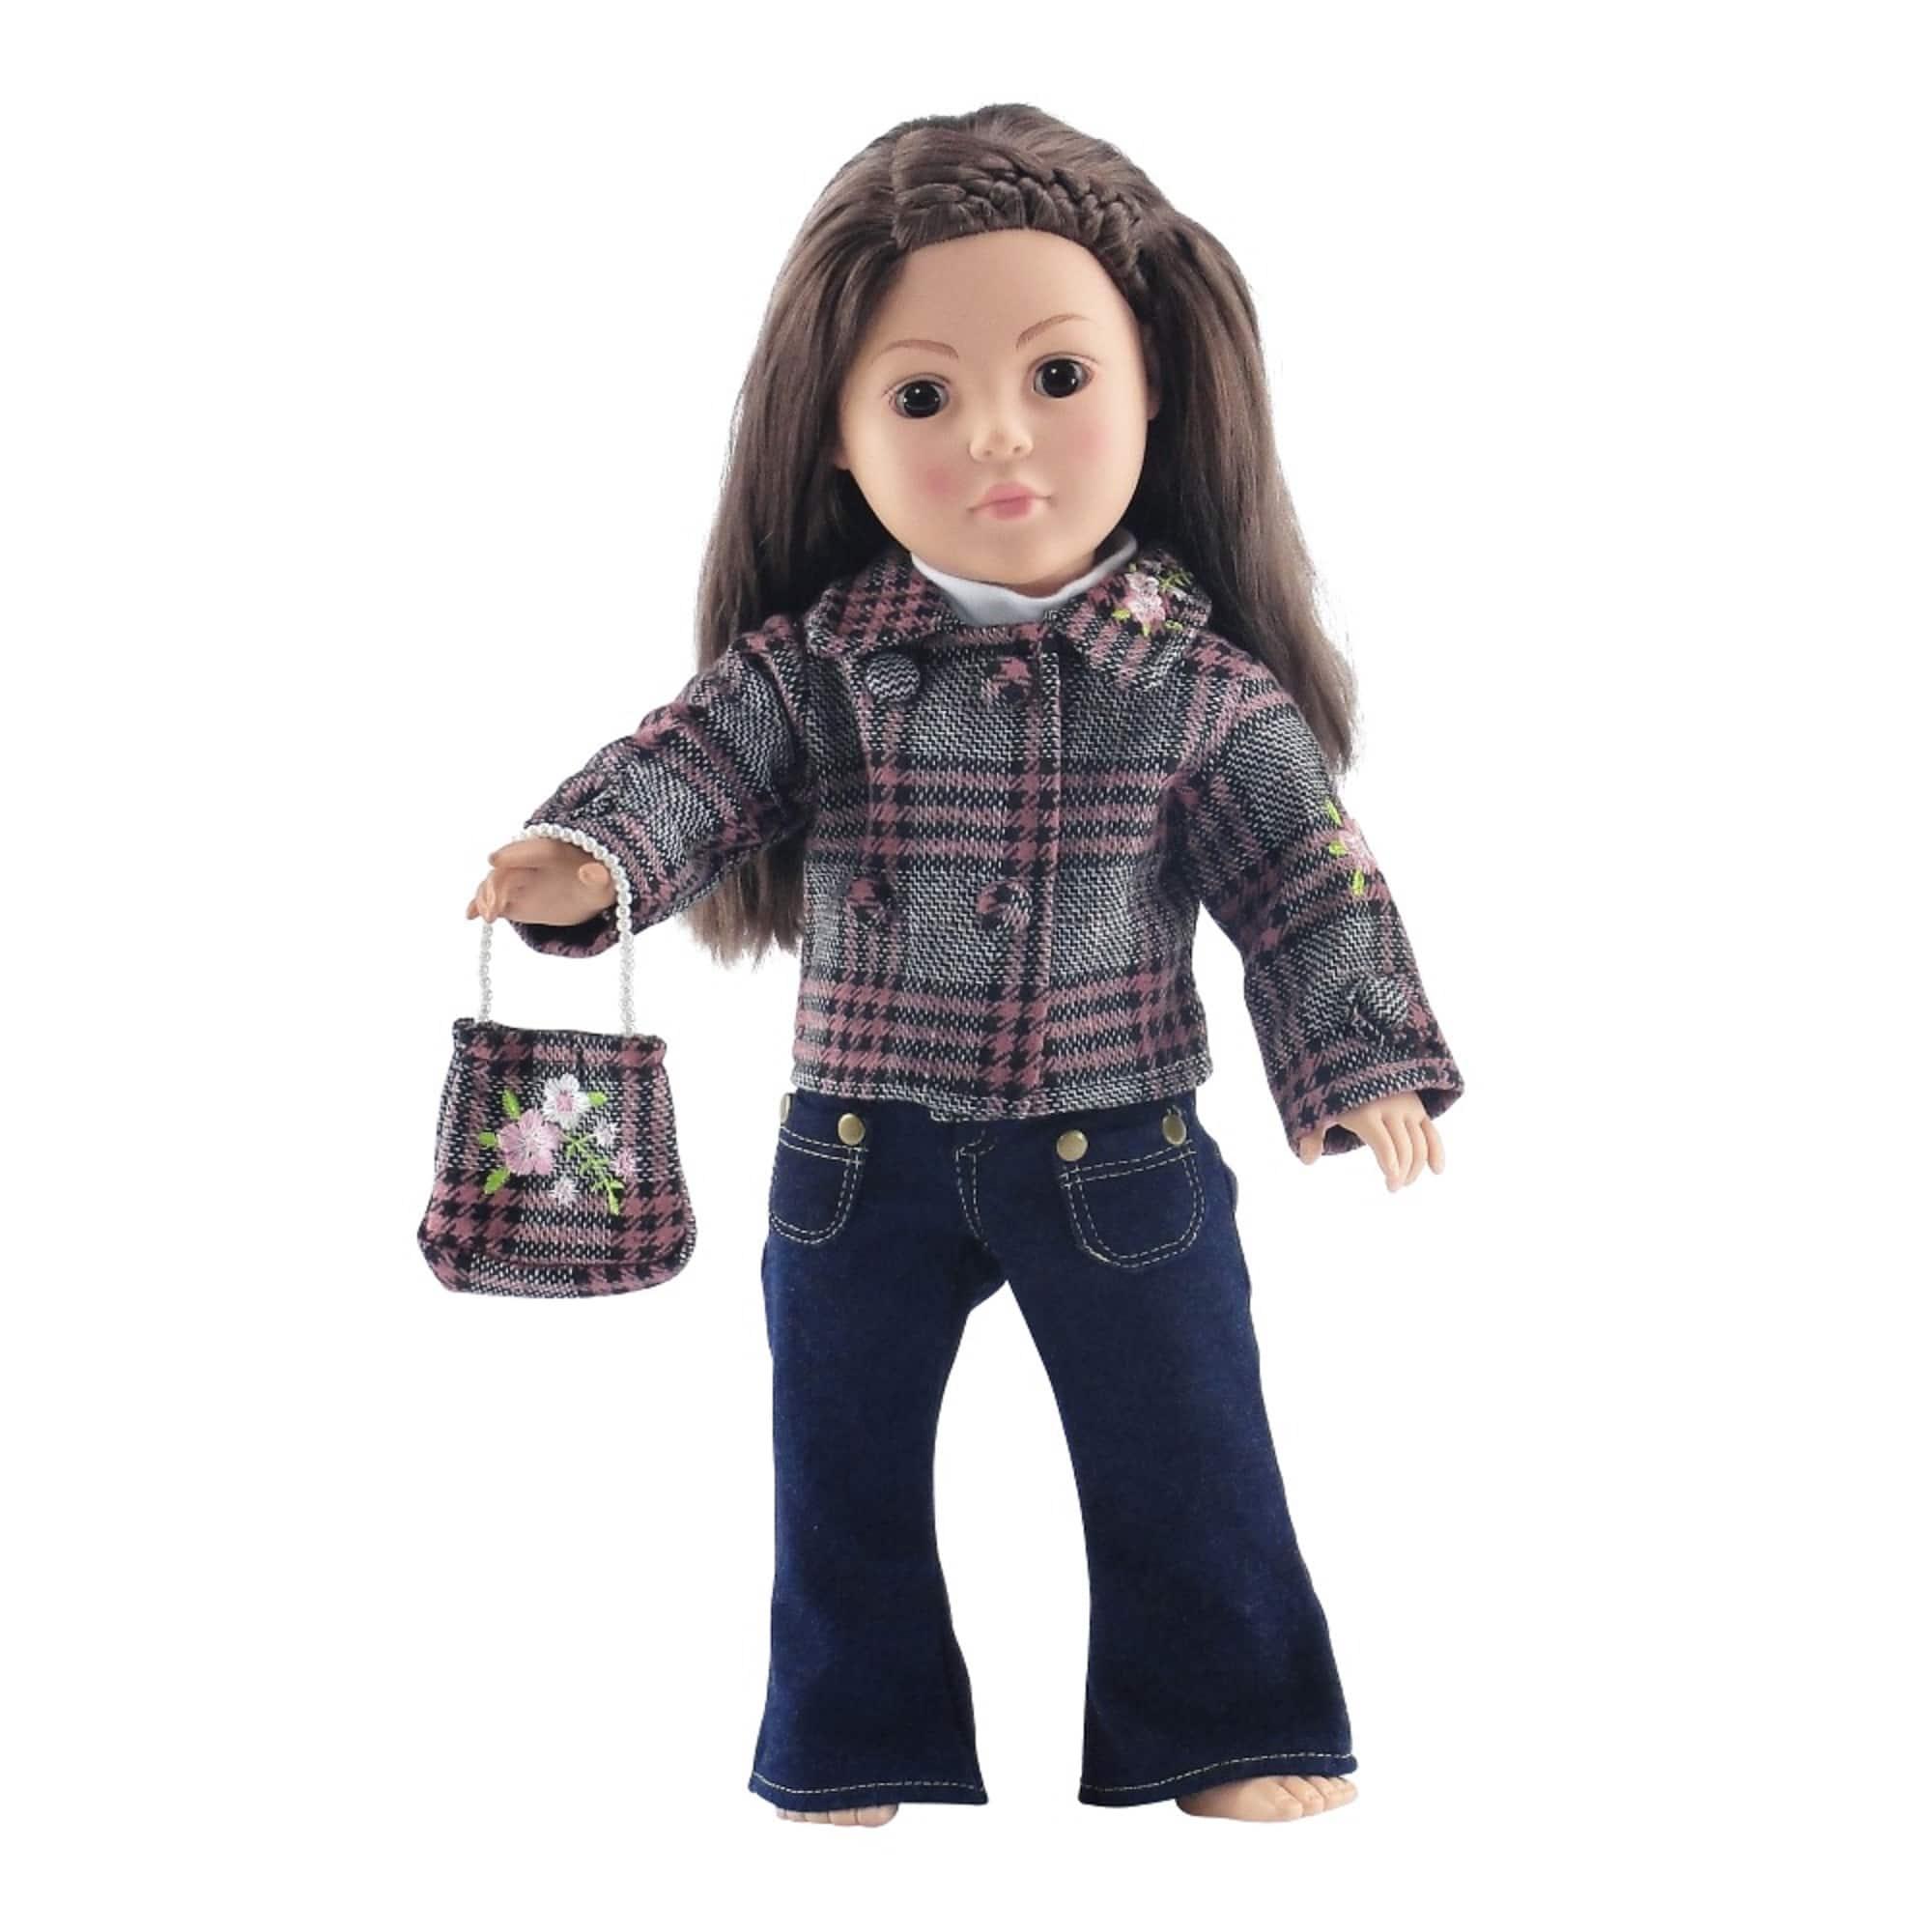 Boneca American Girl: Jaqueta Xadrez e Calça Jeans (Apenas Venda Online)